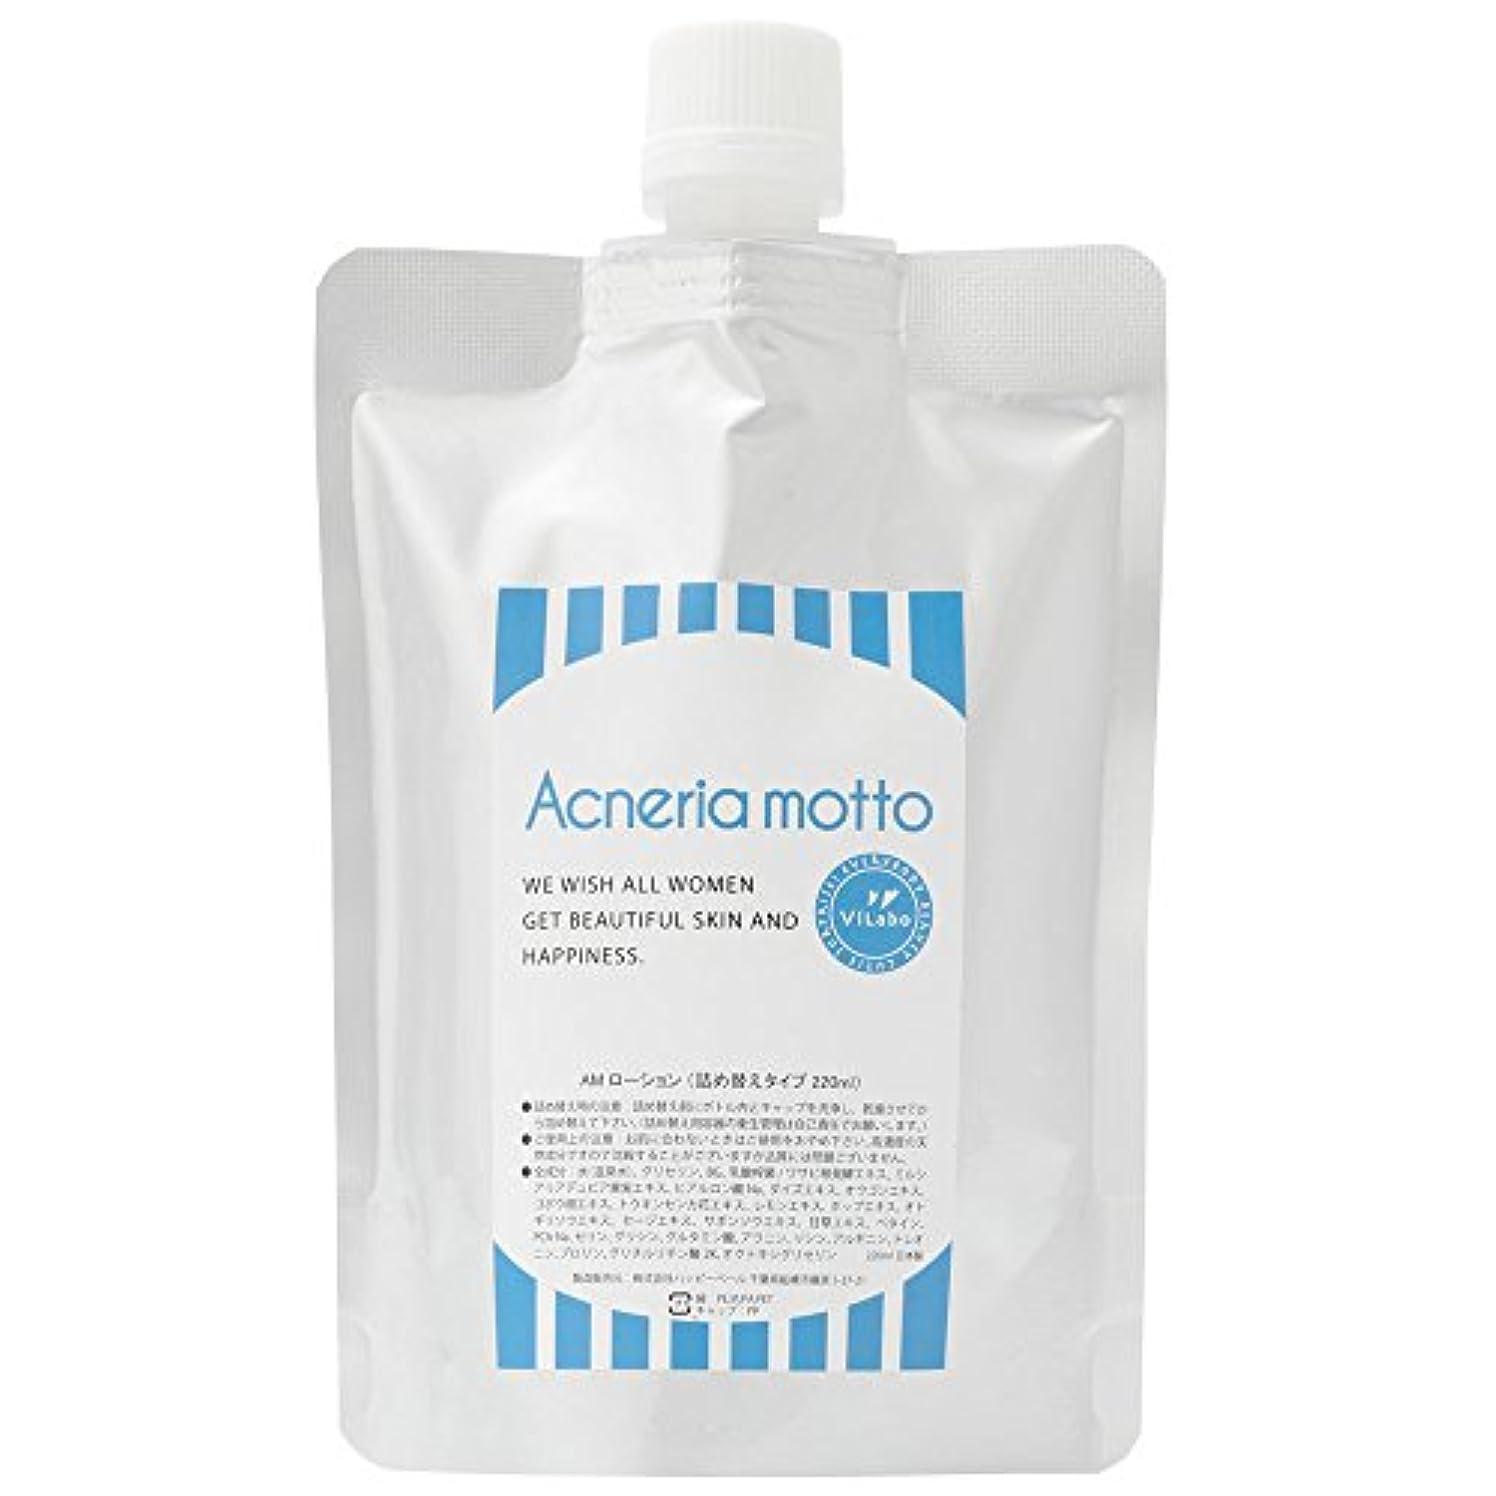 爬虫類抵抗レザーViLabo アクネリアモットローション (AMローション)化粧水 220ml 詰め替え用パウチ ビラボ